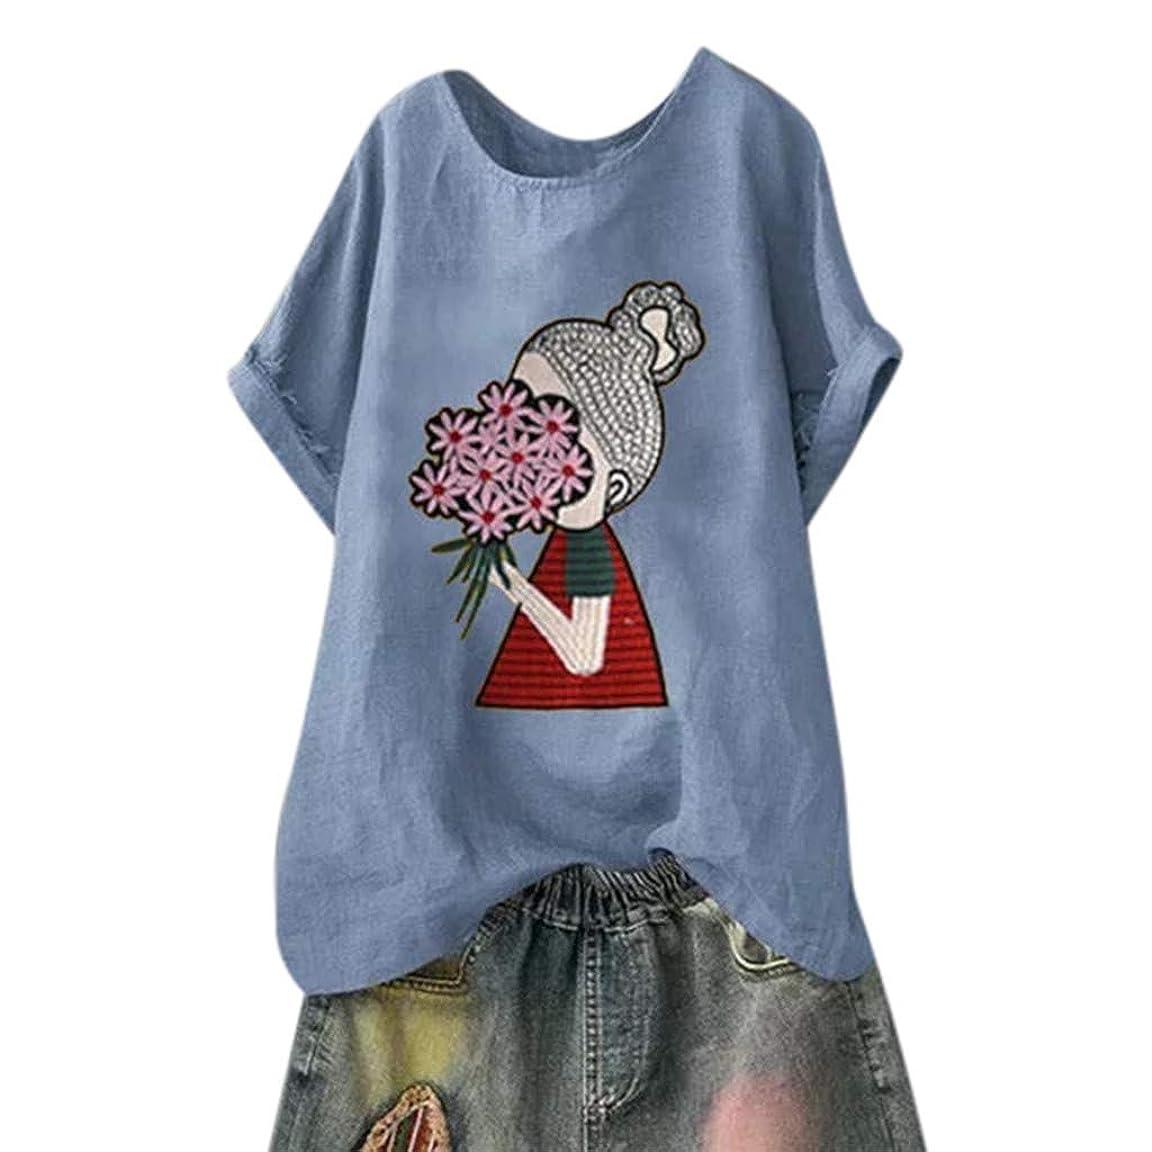 眠いですバリーマーチャンダイジングAguleaph レディース Tシャツ おおきいサイズ 半袖 丸首 象 魚の骨 クジラ 少女柄 トップス 学生 洋服 お出かけ ワイシャツ 安い 流行り ブラウス 快適な 柔らかい かっこいい カジュアル シンプル オシャレ 春夏秋